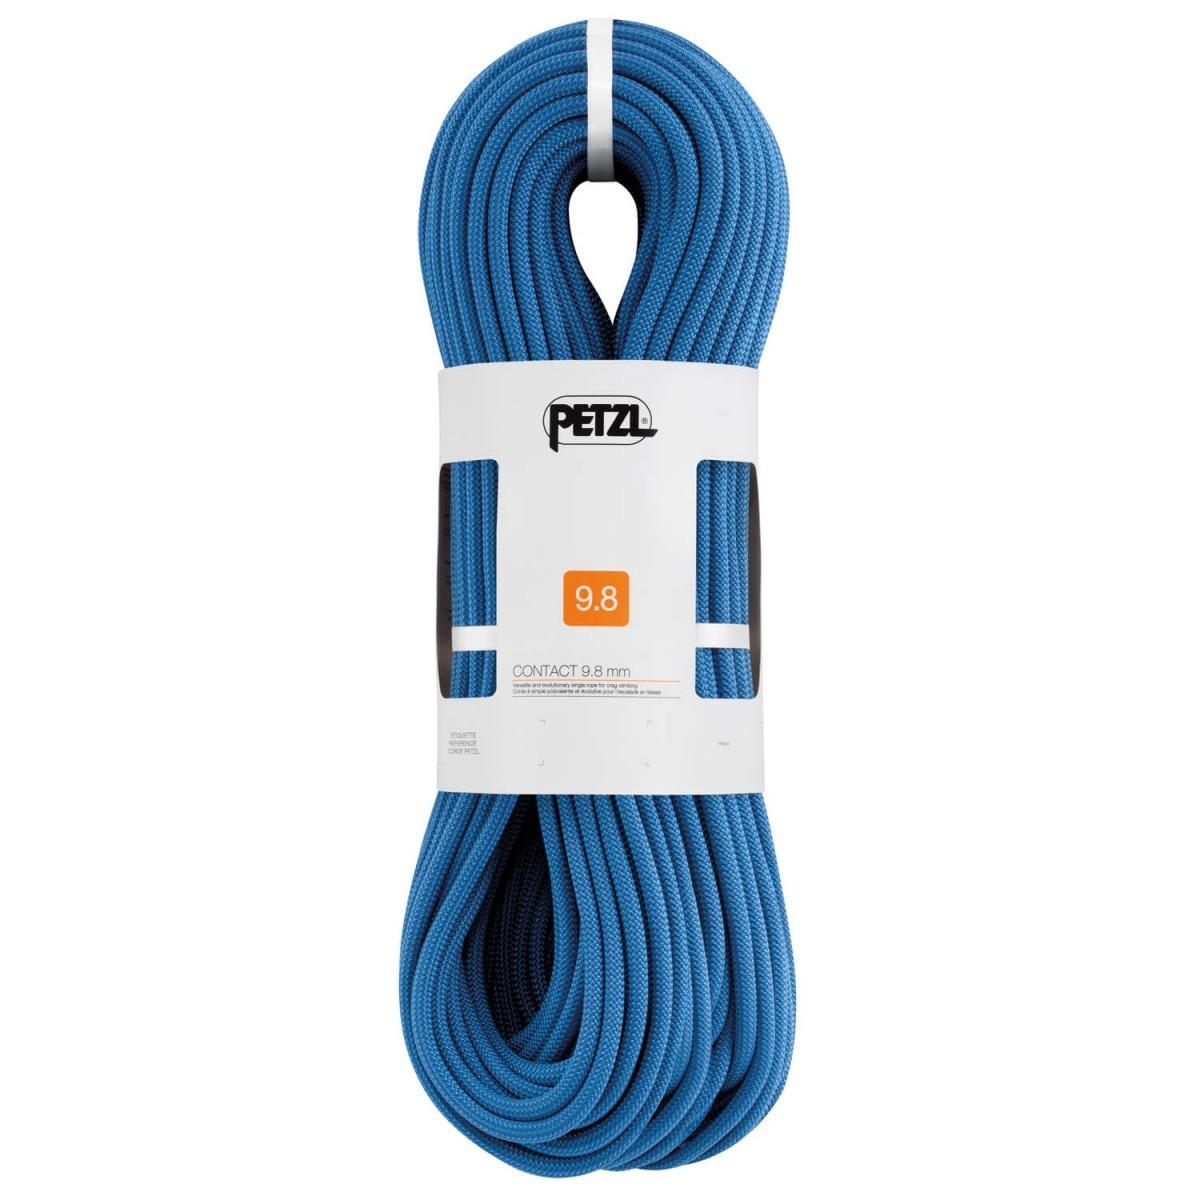 【 即納 】 PETZL ペツル Contact 9.8 ( 60m - Blue ) ★ ロープ ・ ザイル ・ 登山 ・ クライミング ★